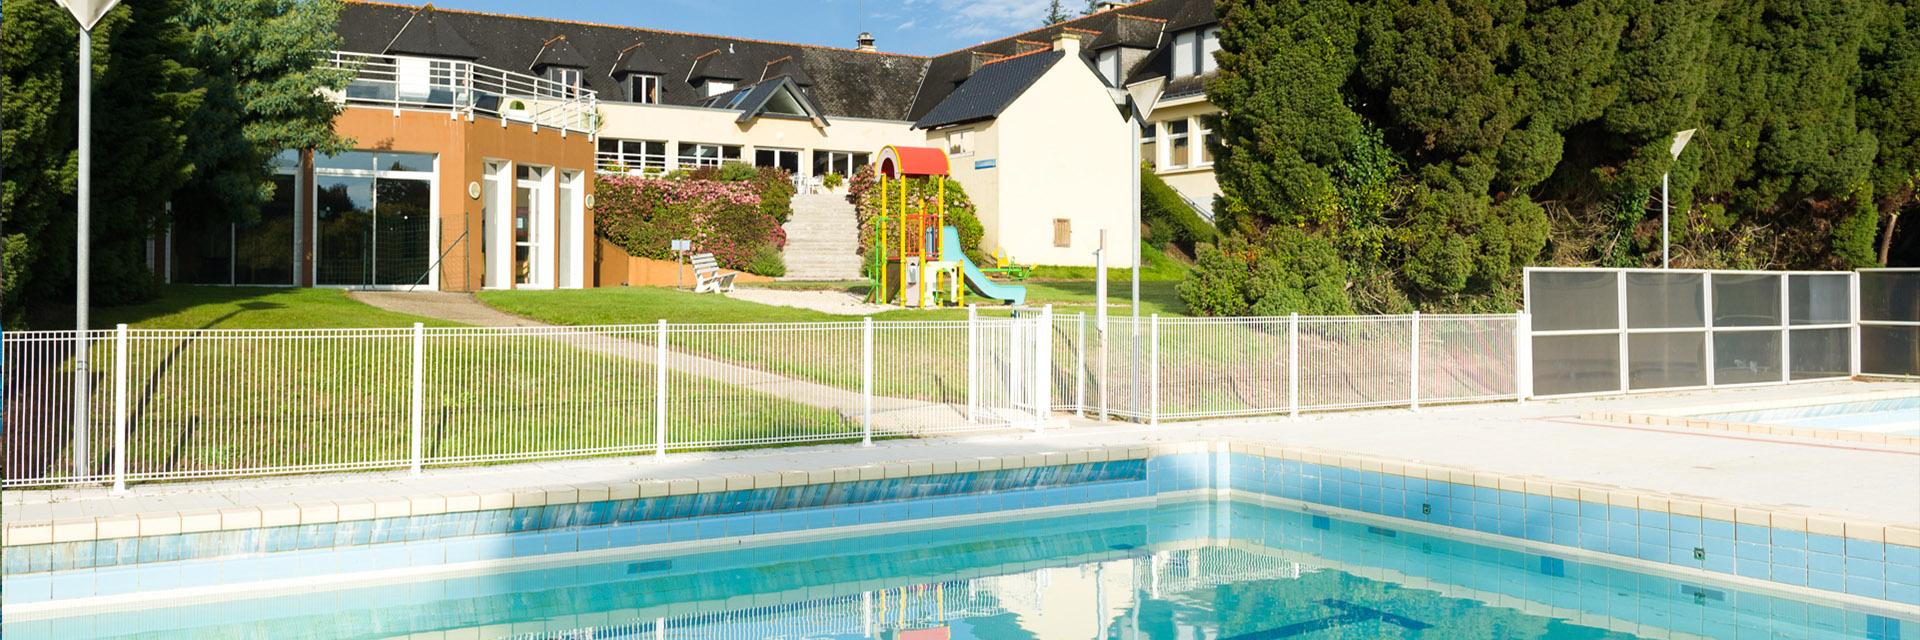 Village_club_vacances_bretagne-sud-ker-beuz-piscine